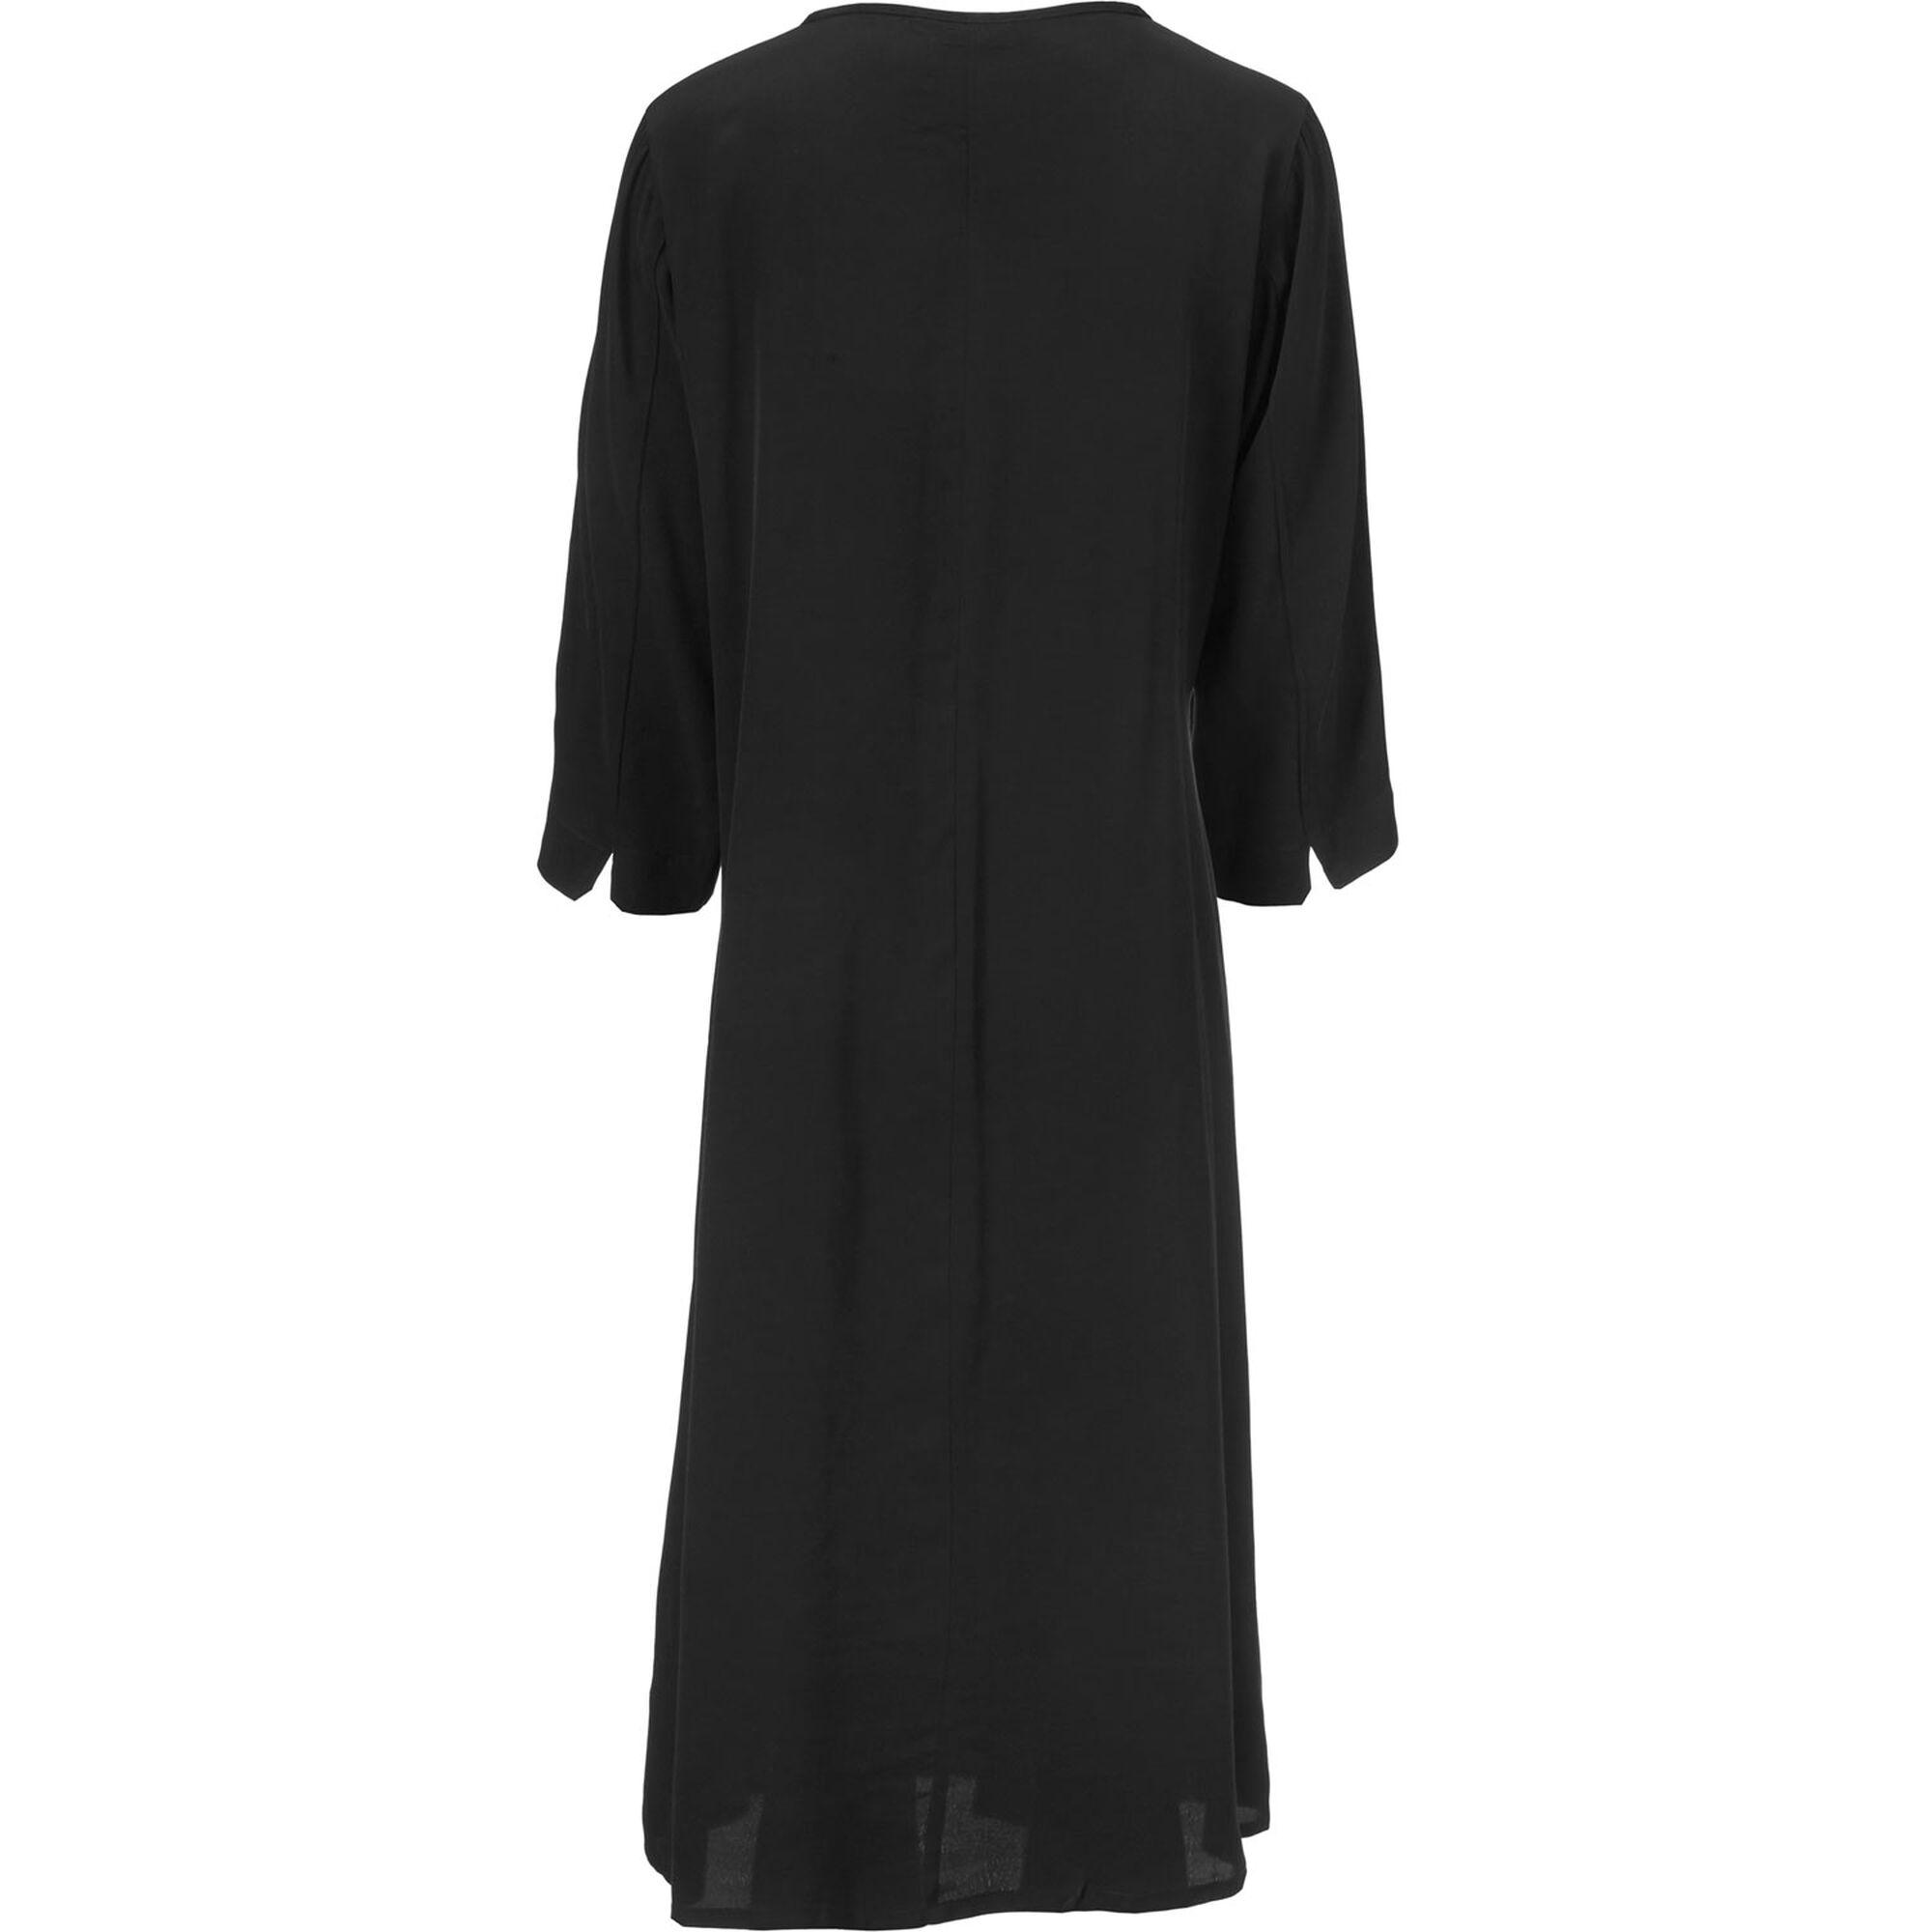 NOALI DRESS, Black, hi-res